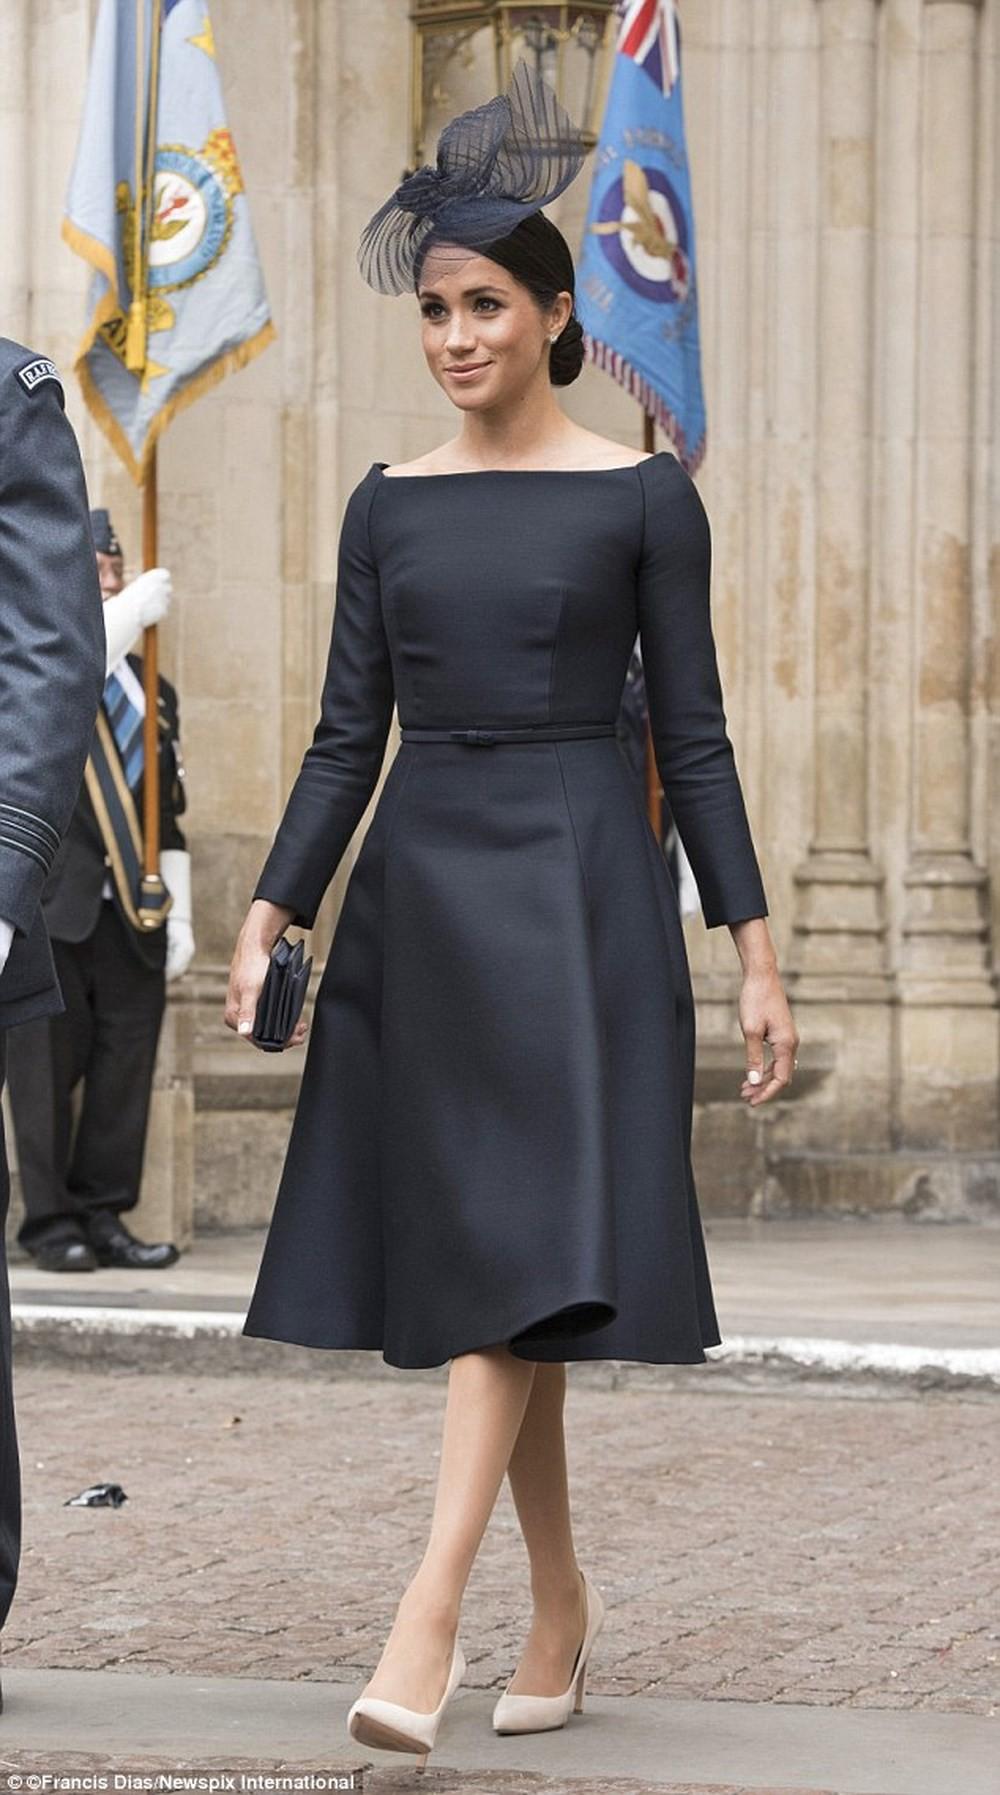 Mới làm dâu Hoàng gia chưa đầy 3 tháng, Meghan Markle đã cùng Nữ hoàng lọt top 30 nhân vật mặc đẹp nhất nước Anh  - Ảnh 1.